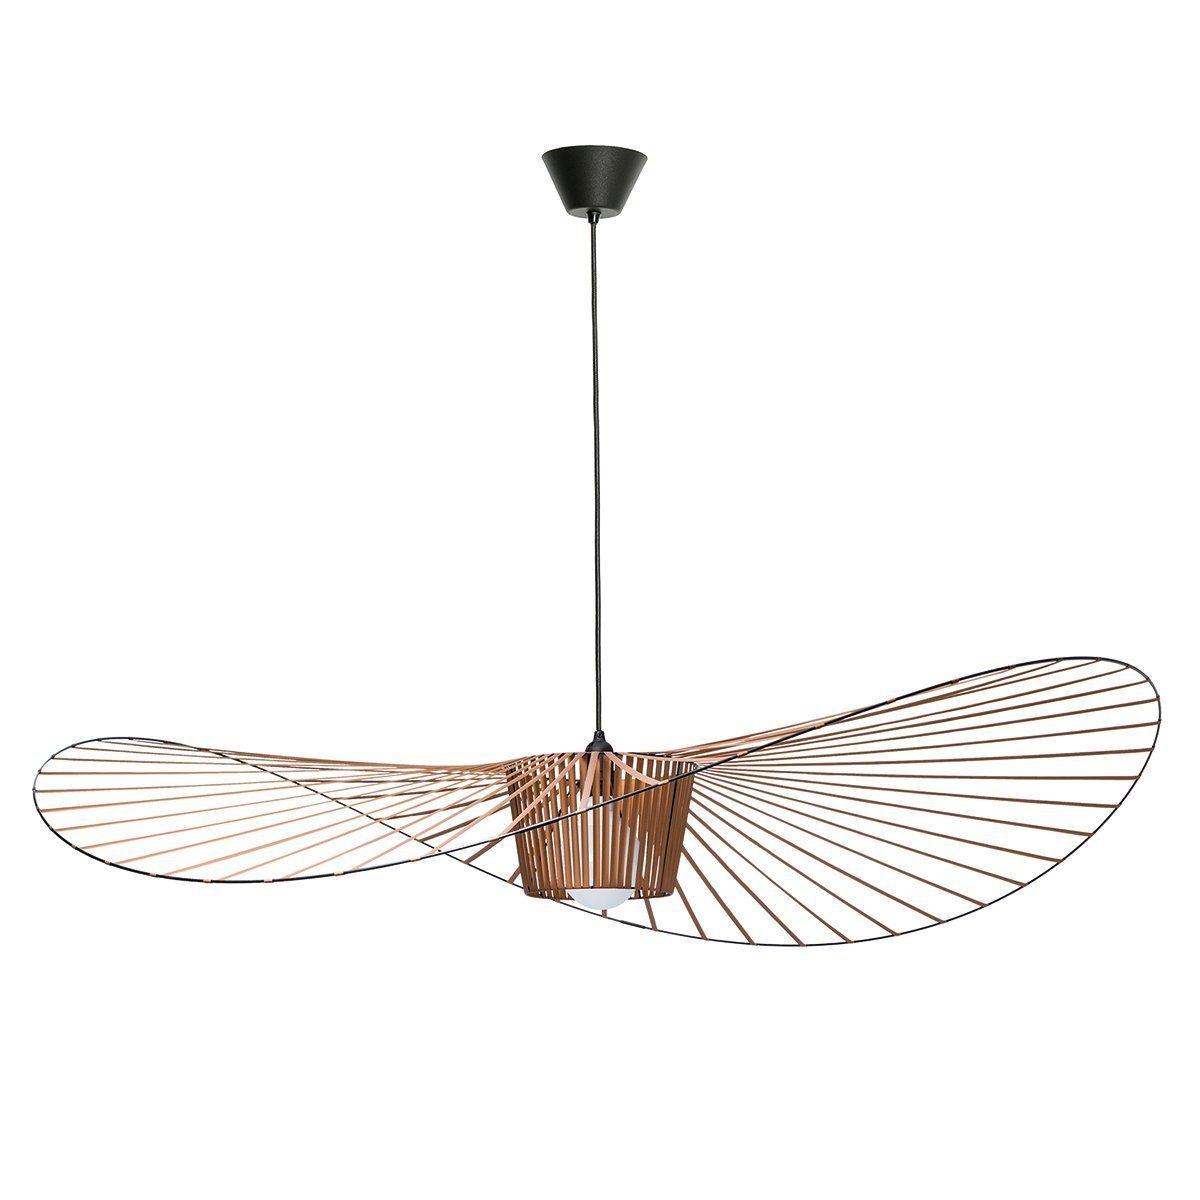 Vertigo Hanglamp Small - Petite Friture